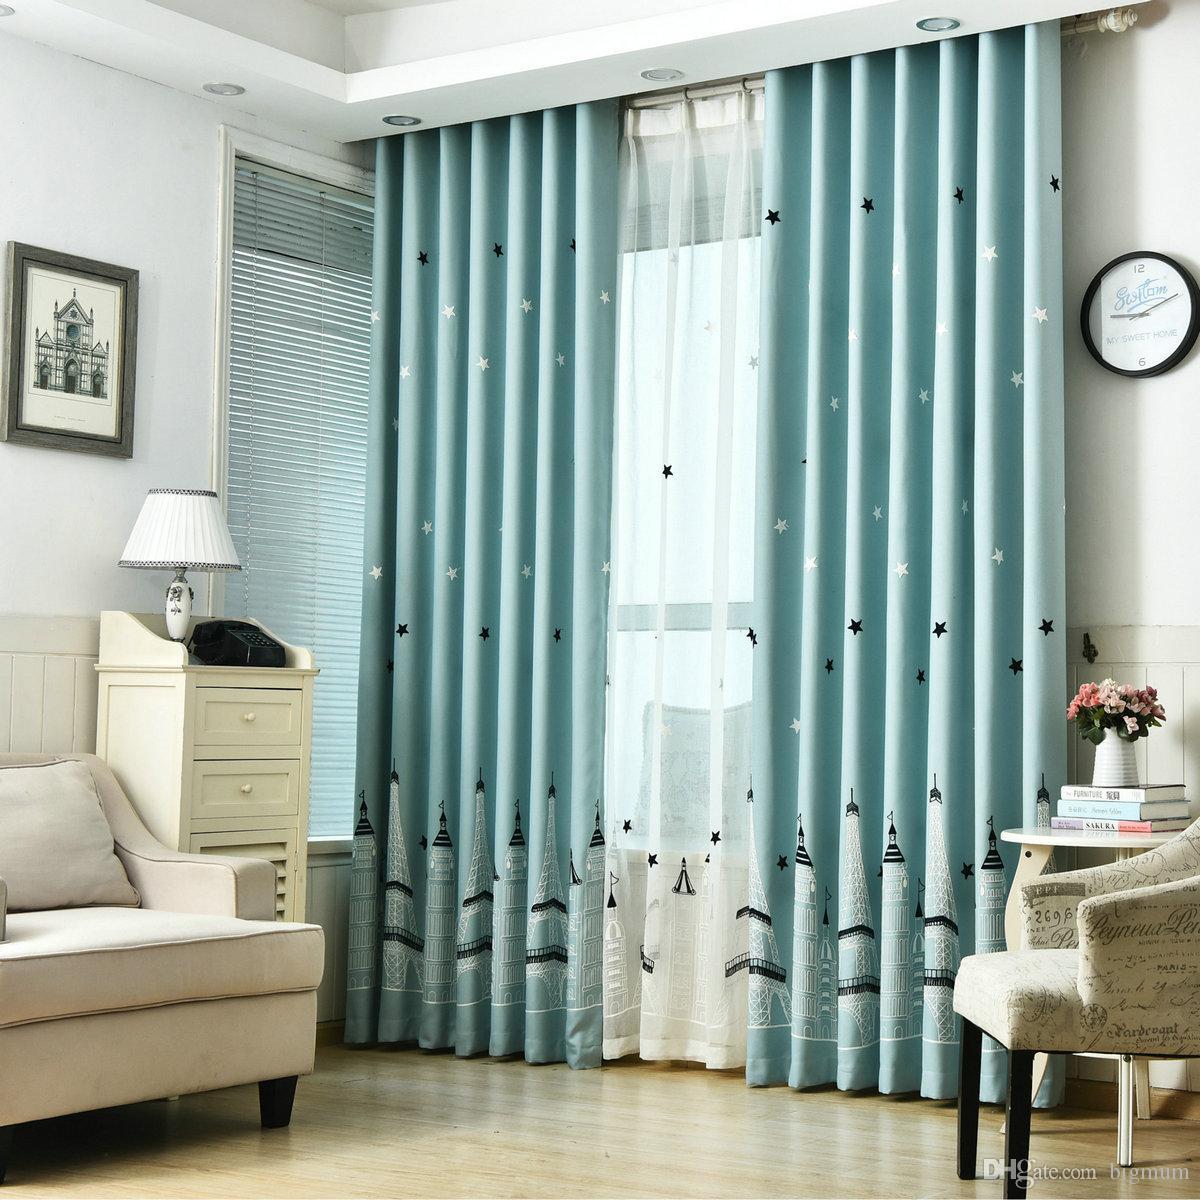 Rideaux de fenêtre pour enfants salon chambre à coucher modèle moderne avec  étoile château tulle rideaux occultants pour décoration de fenêtre